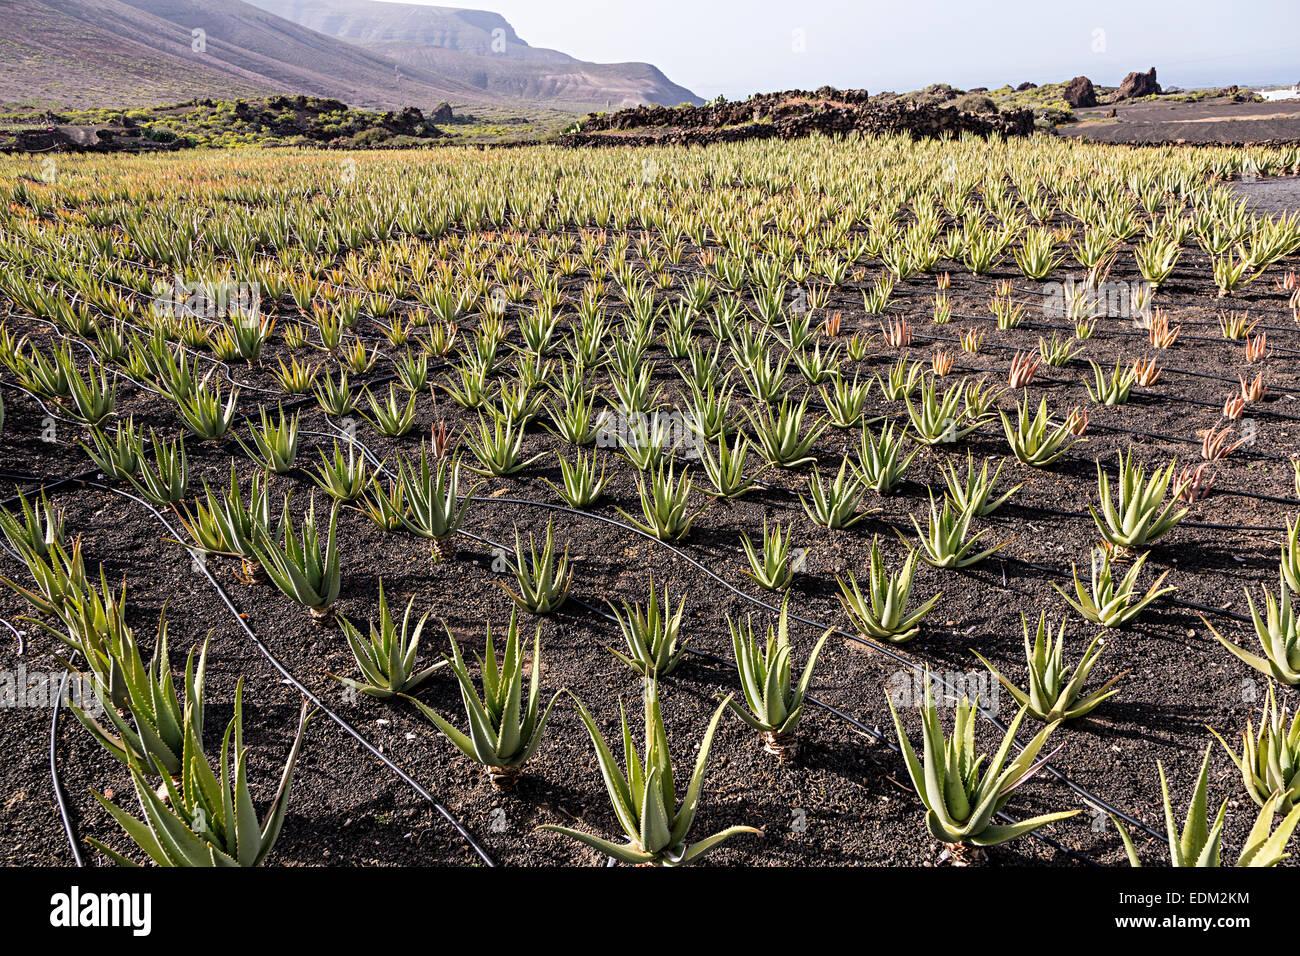 Aloe Vera Canary Islands